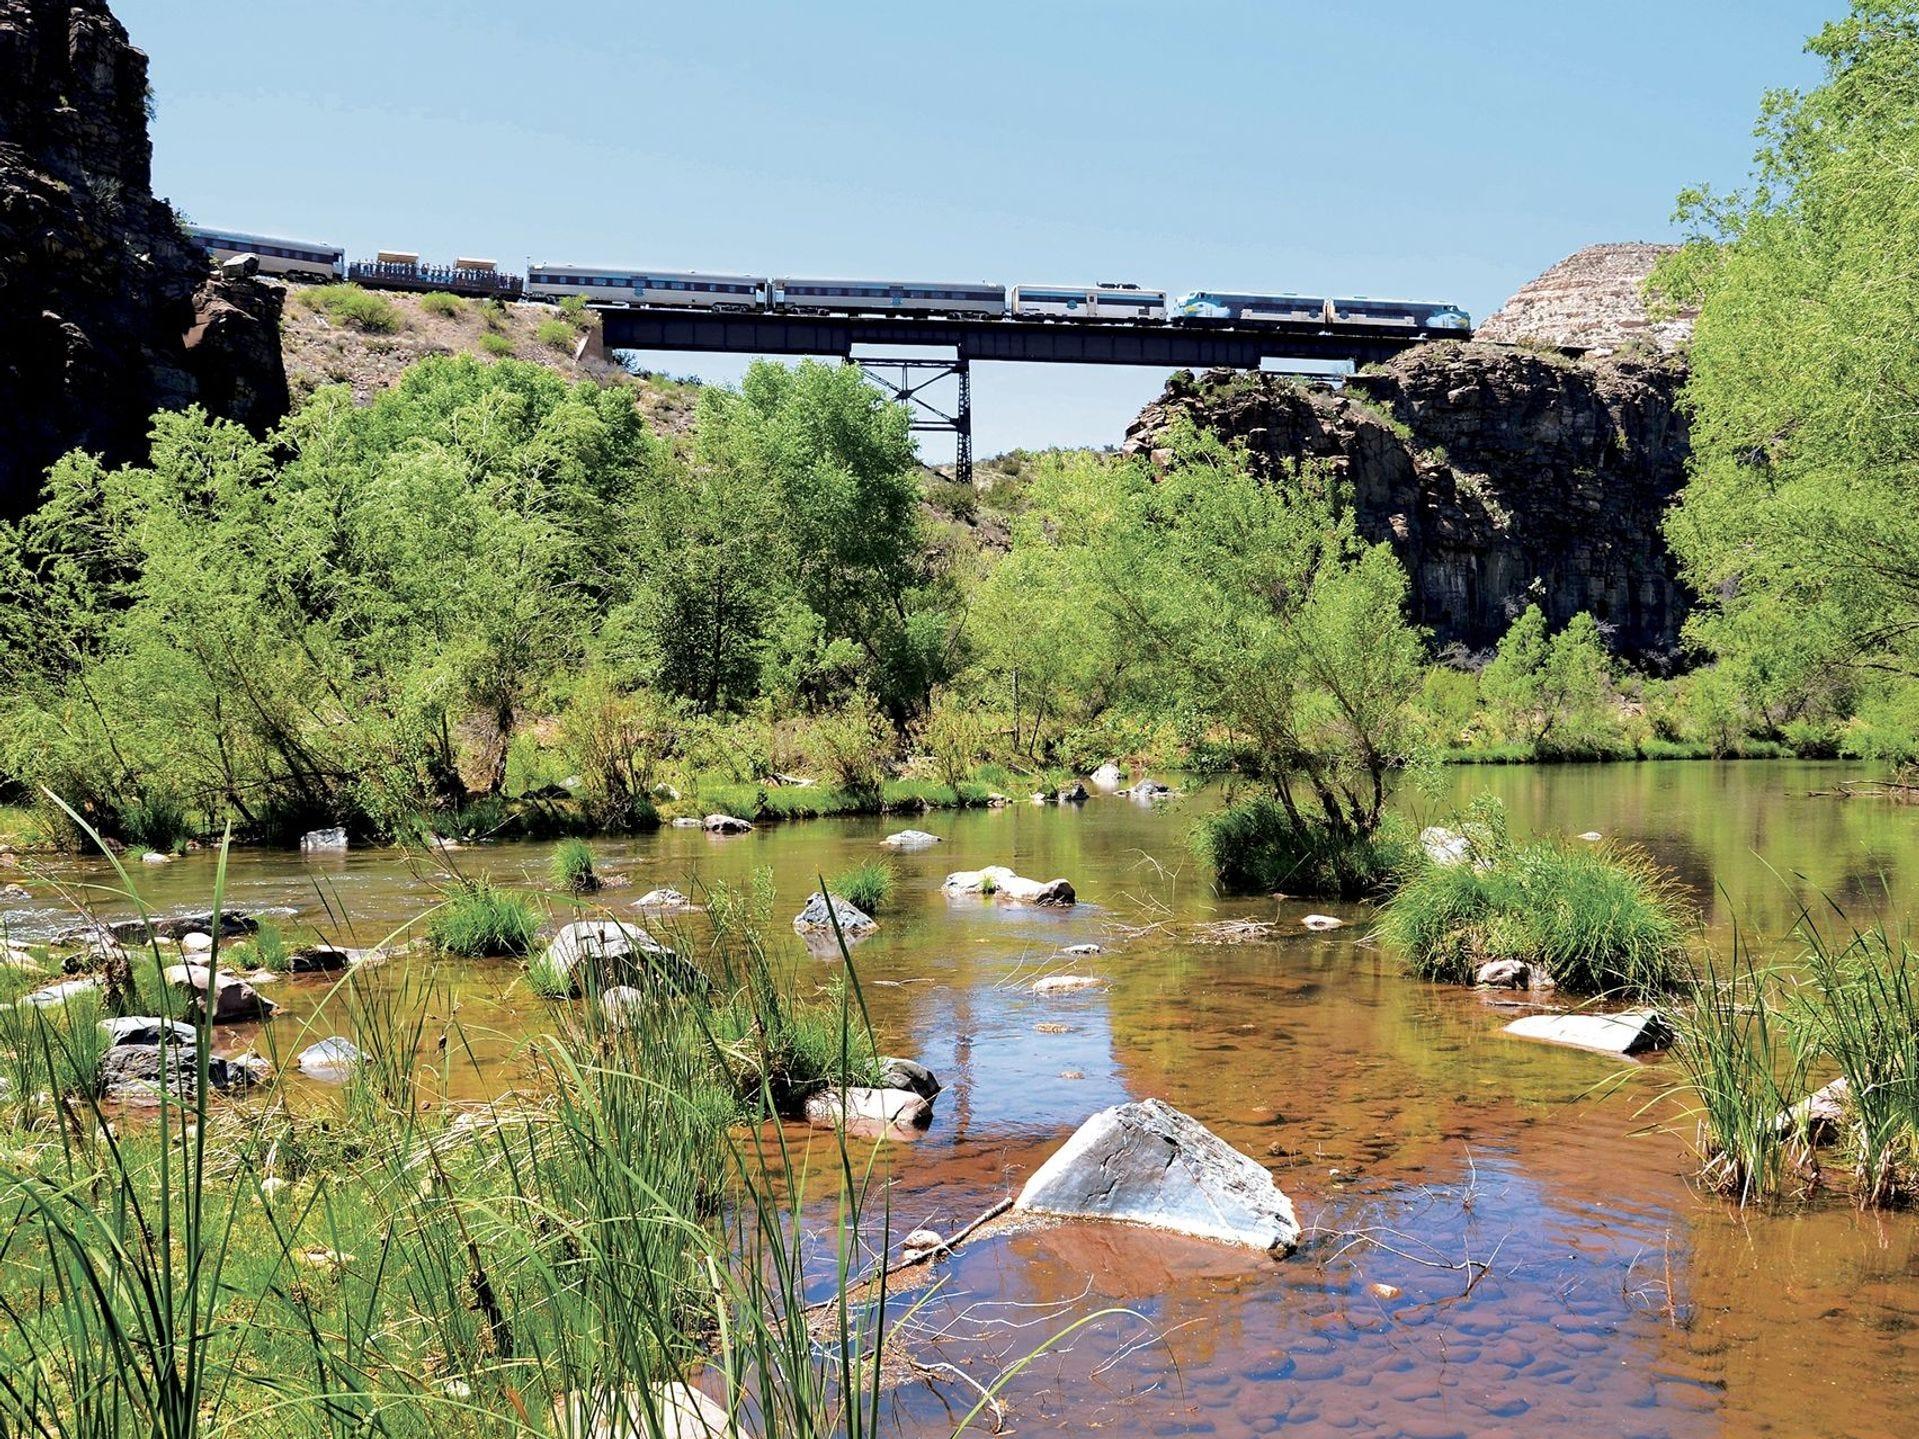 El Verde Canyon Railroad parte de Clarkdale en un viaje redondo de 40 millas hacia una naturaleza remota y pintoresca.